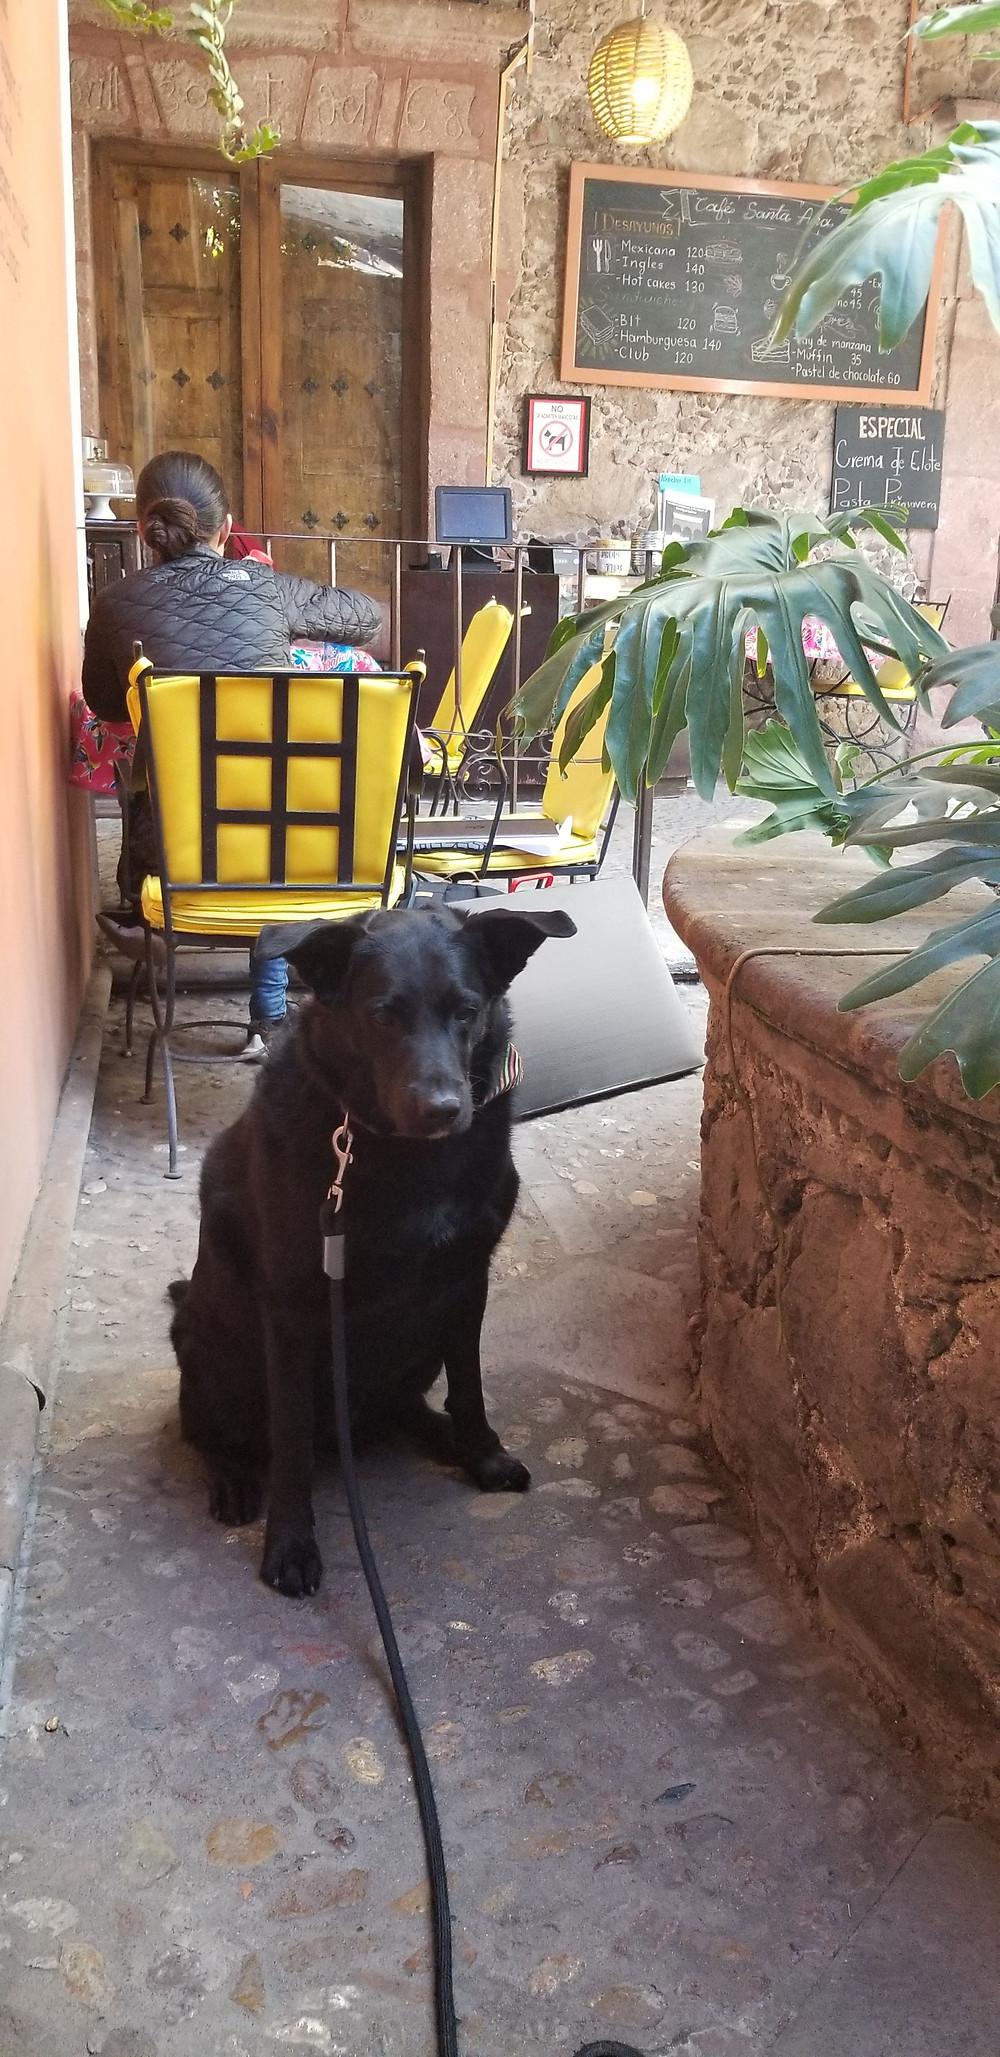 Dallas in the No Mascotas Cafe